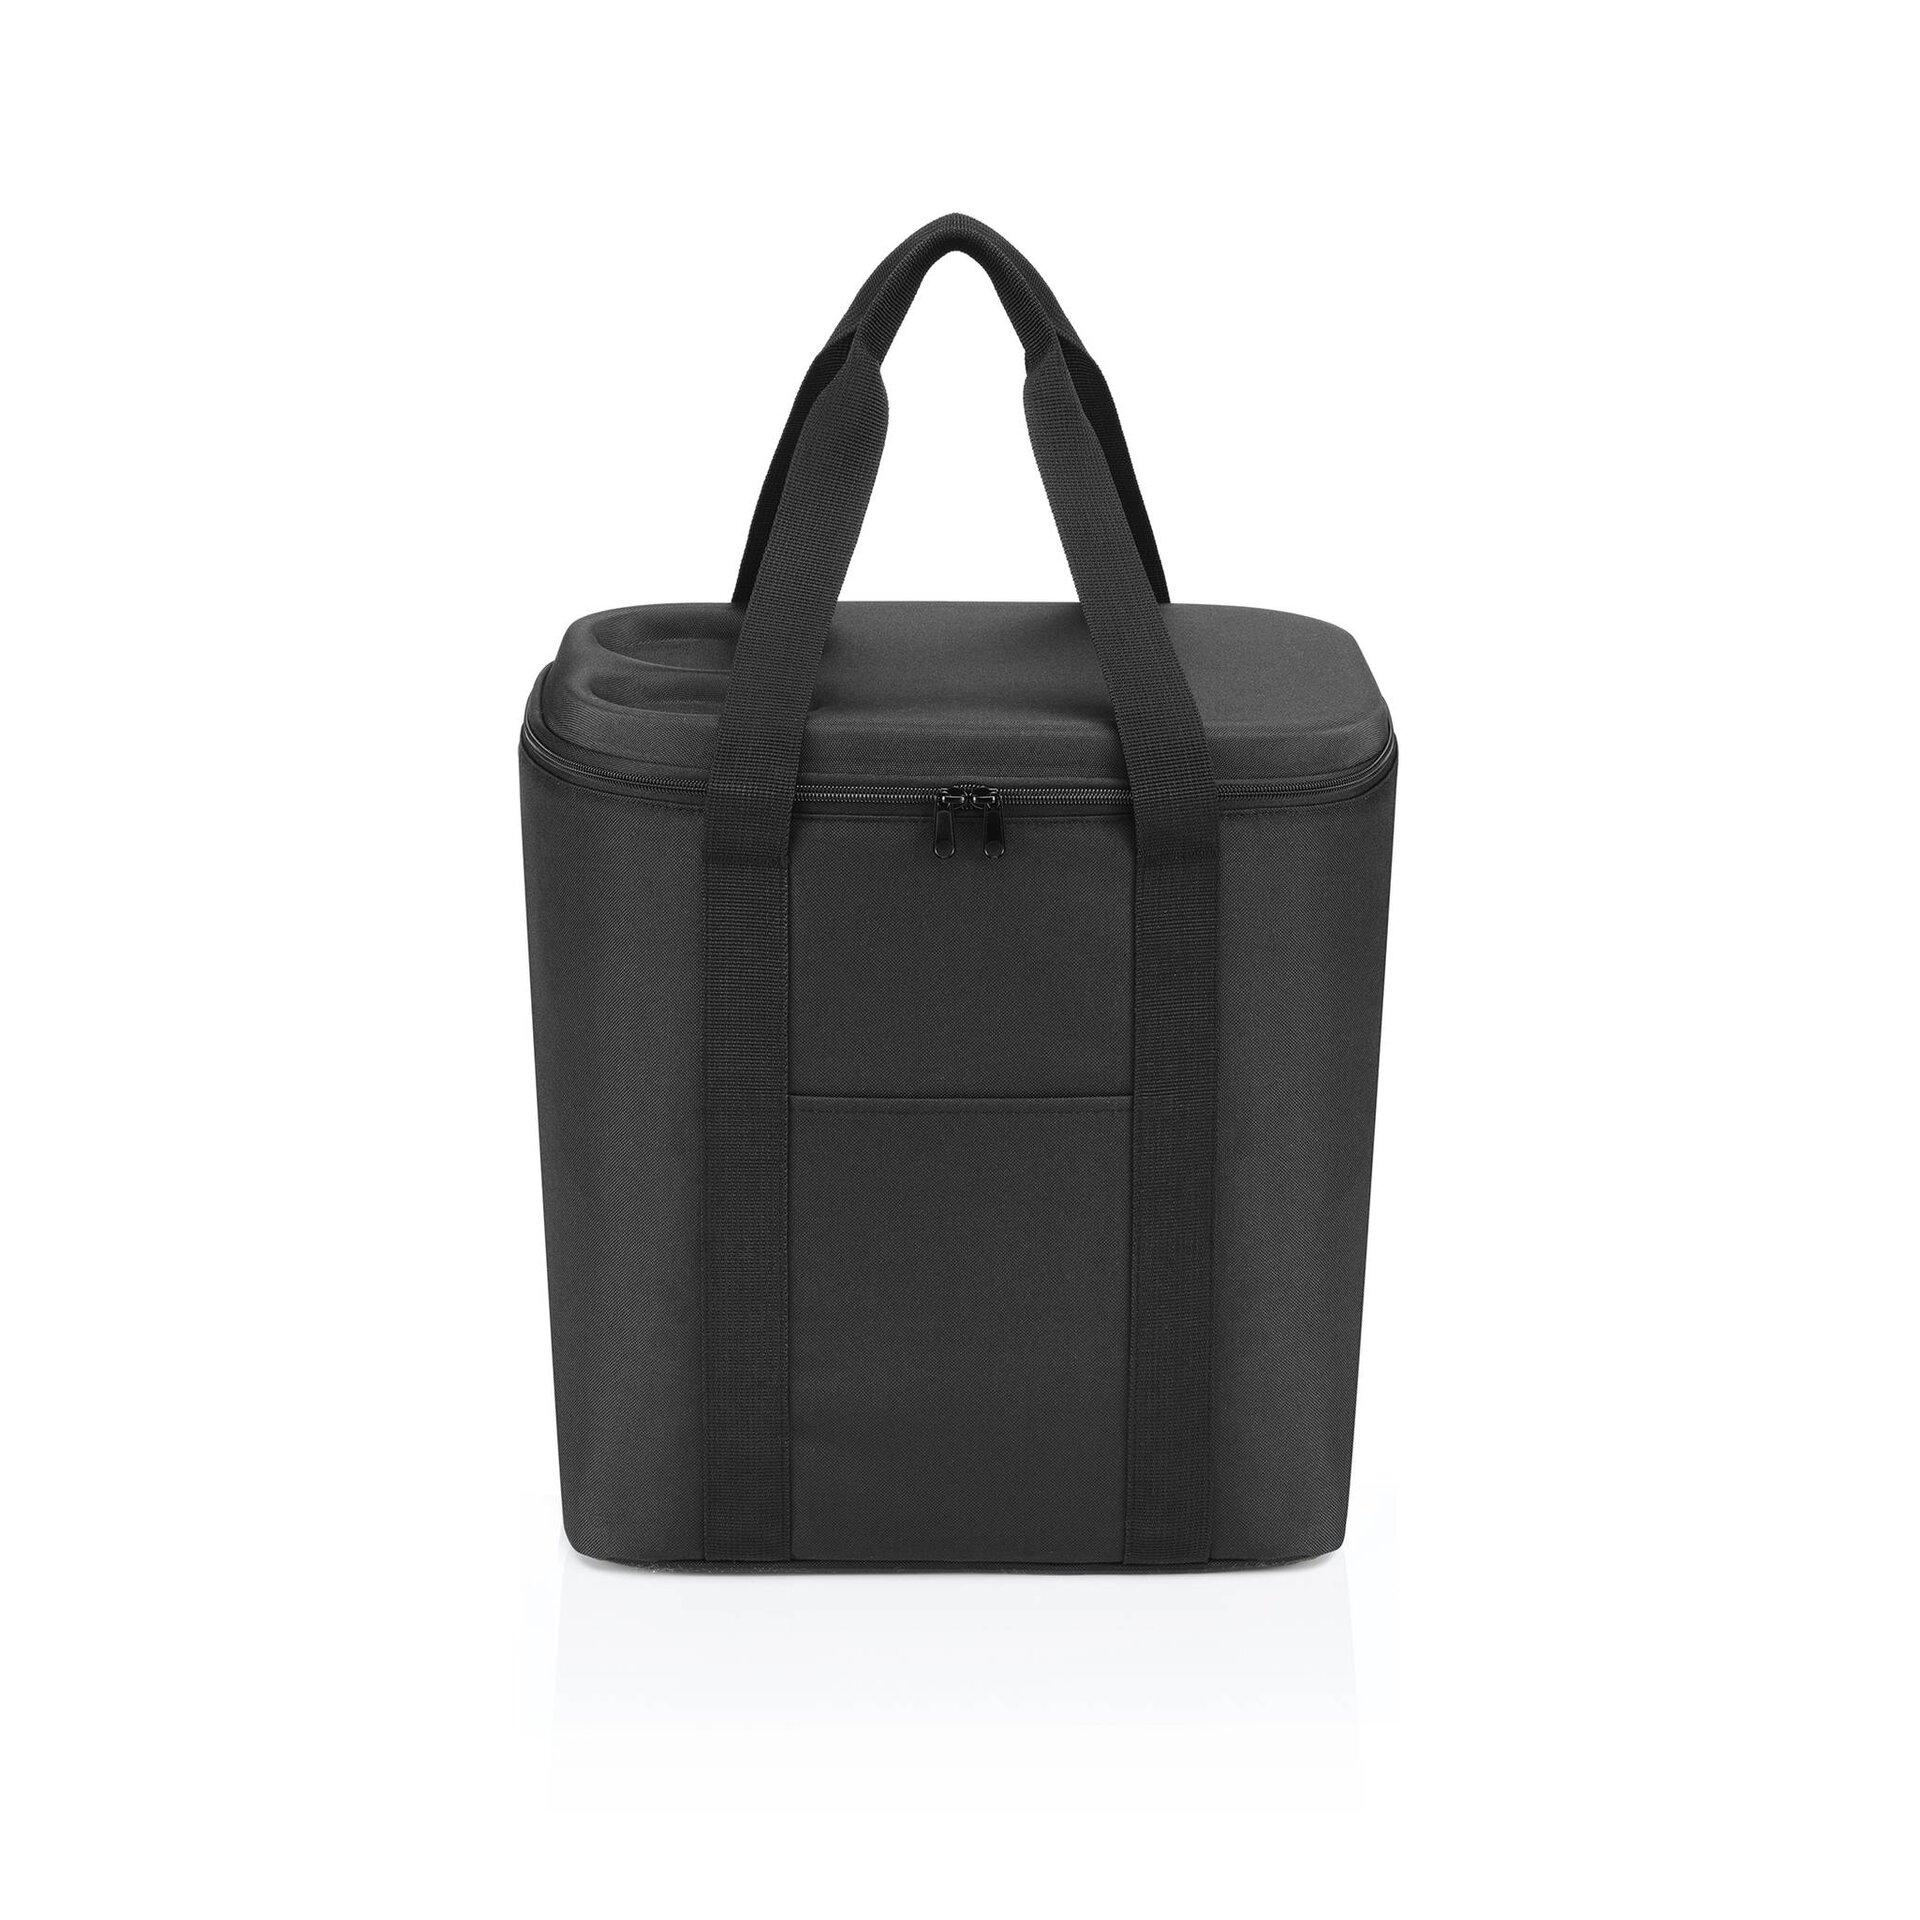 Tasche coolerbag XL Reisenthel Textil schwarz 37 x 41 x